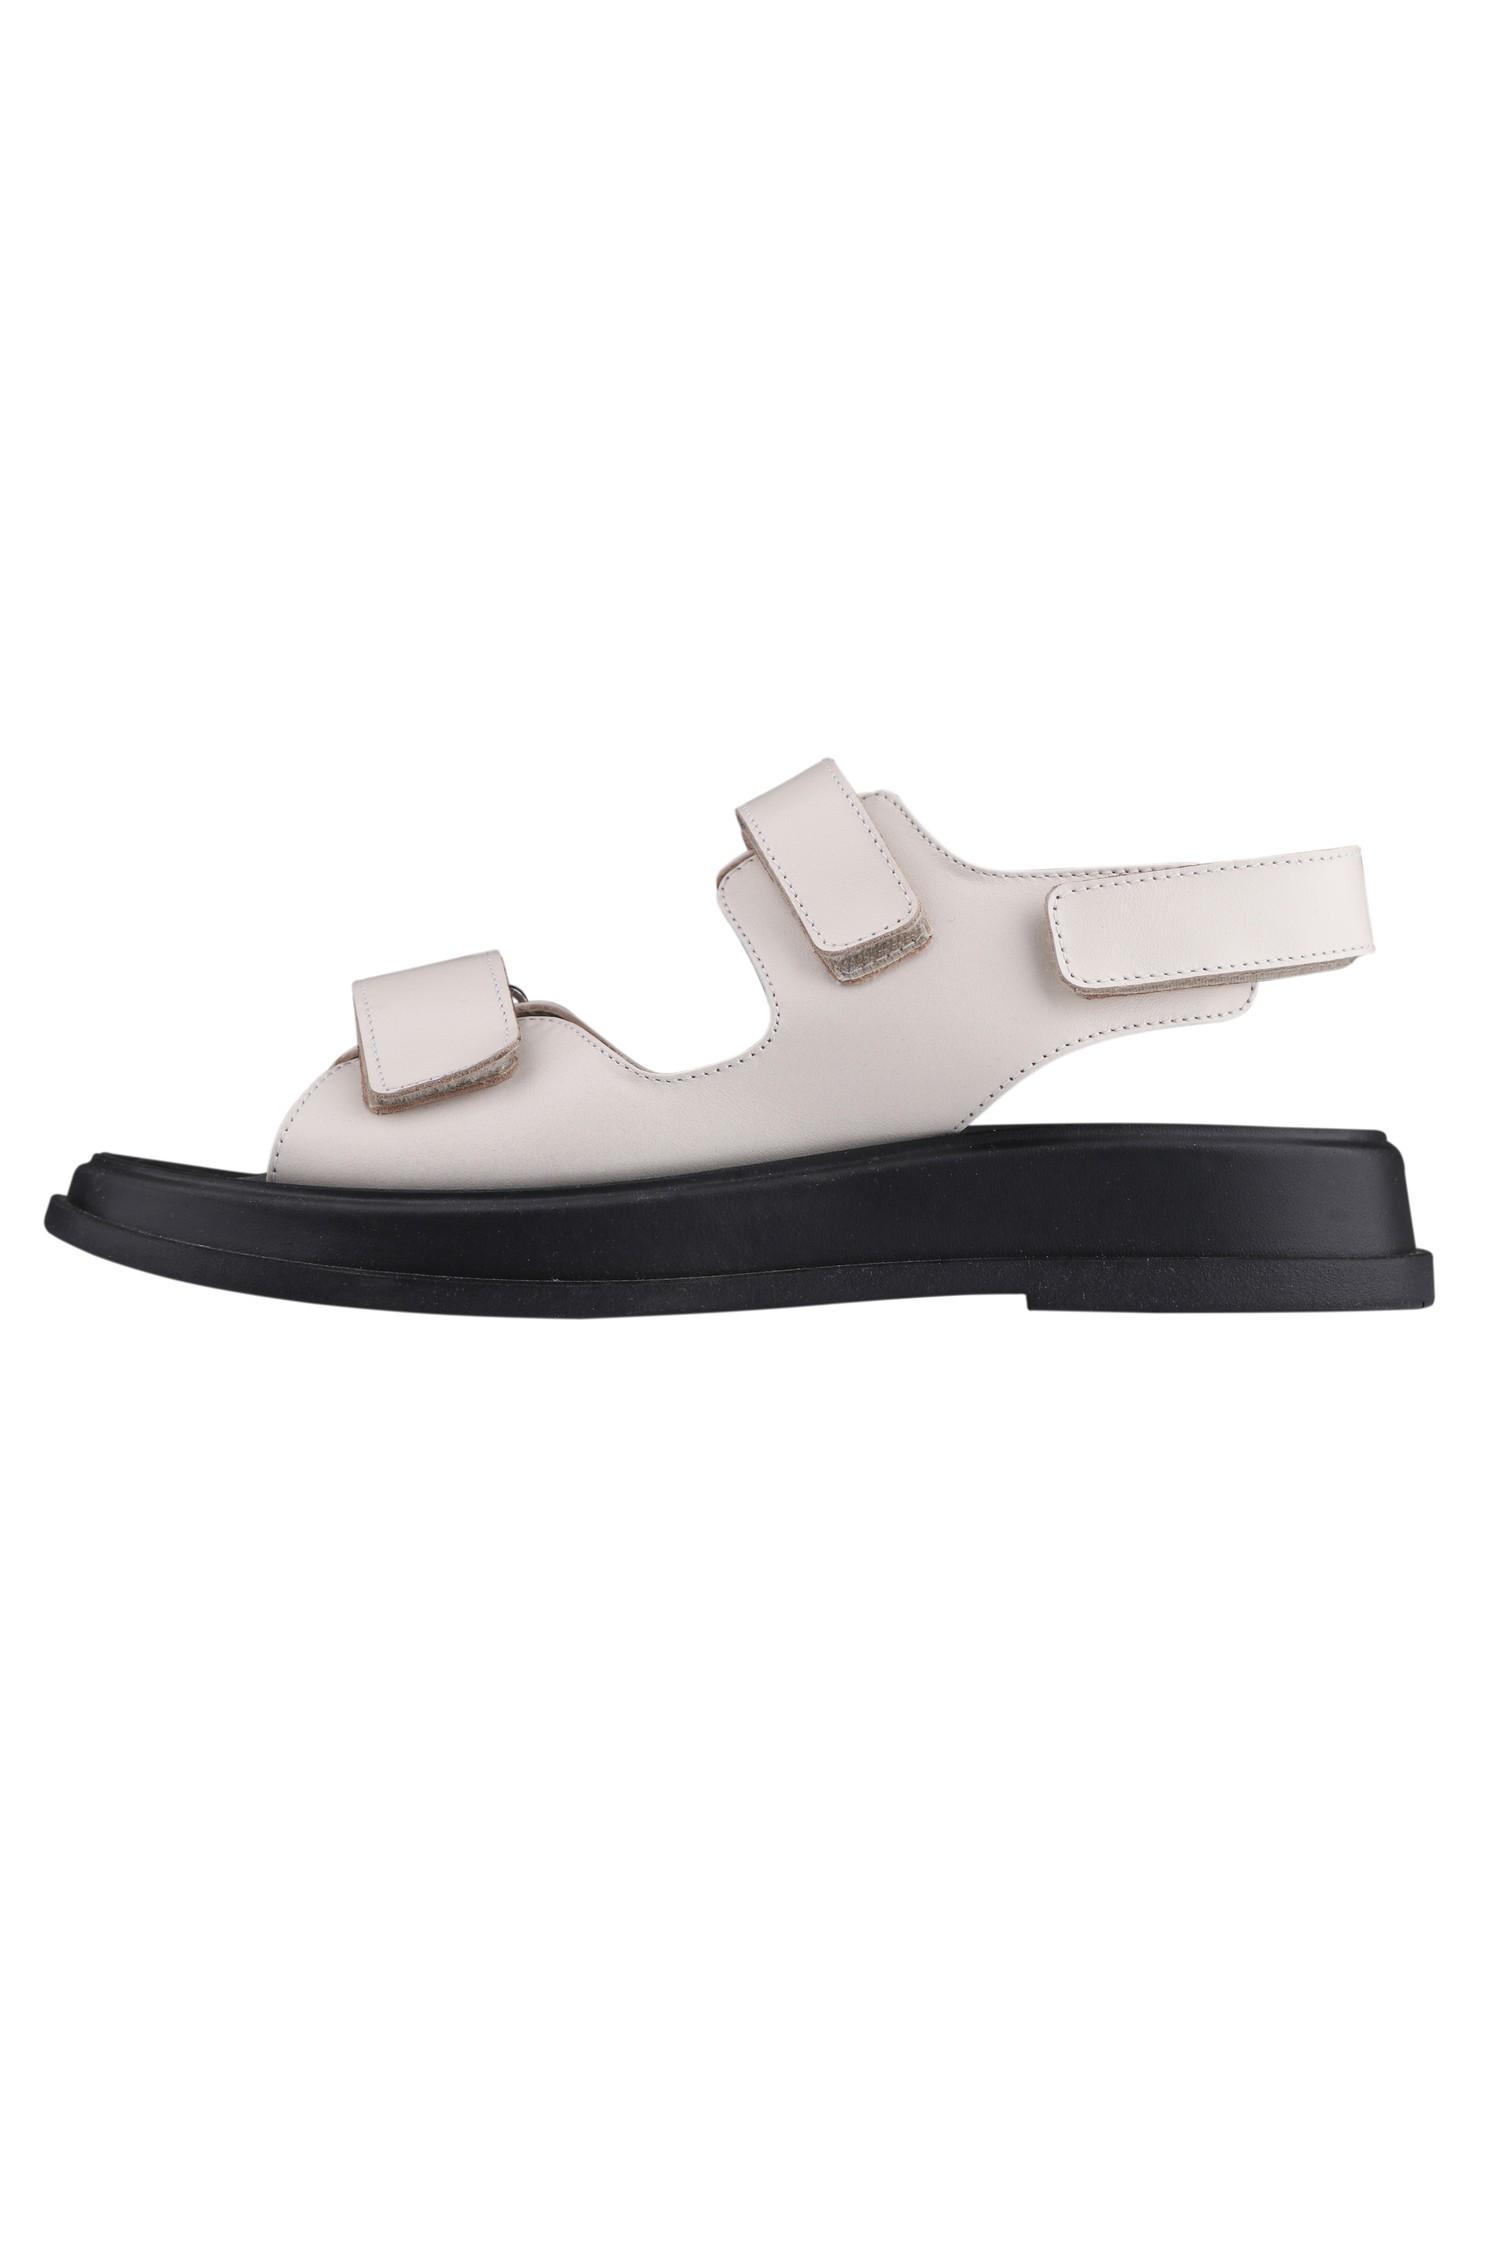 Кожаные сандалии с пряжками кремовые - THE LACE